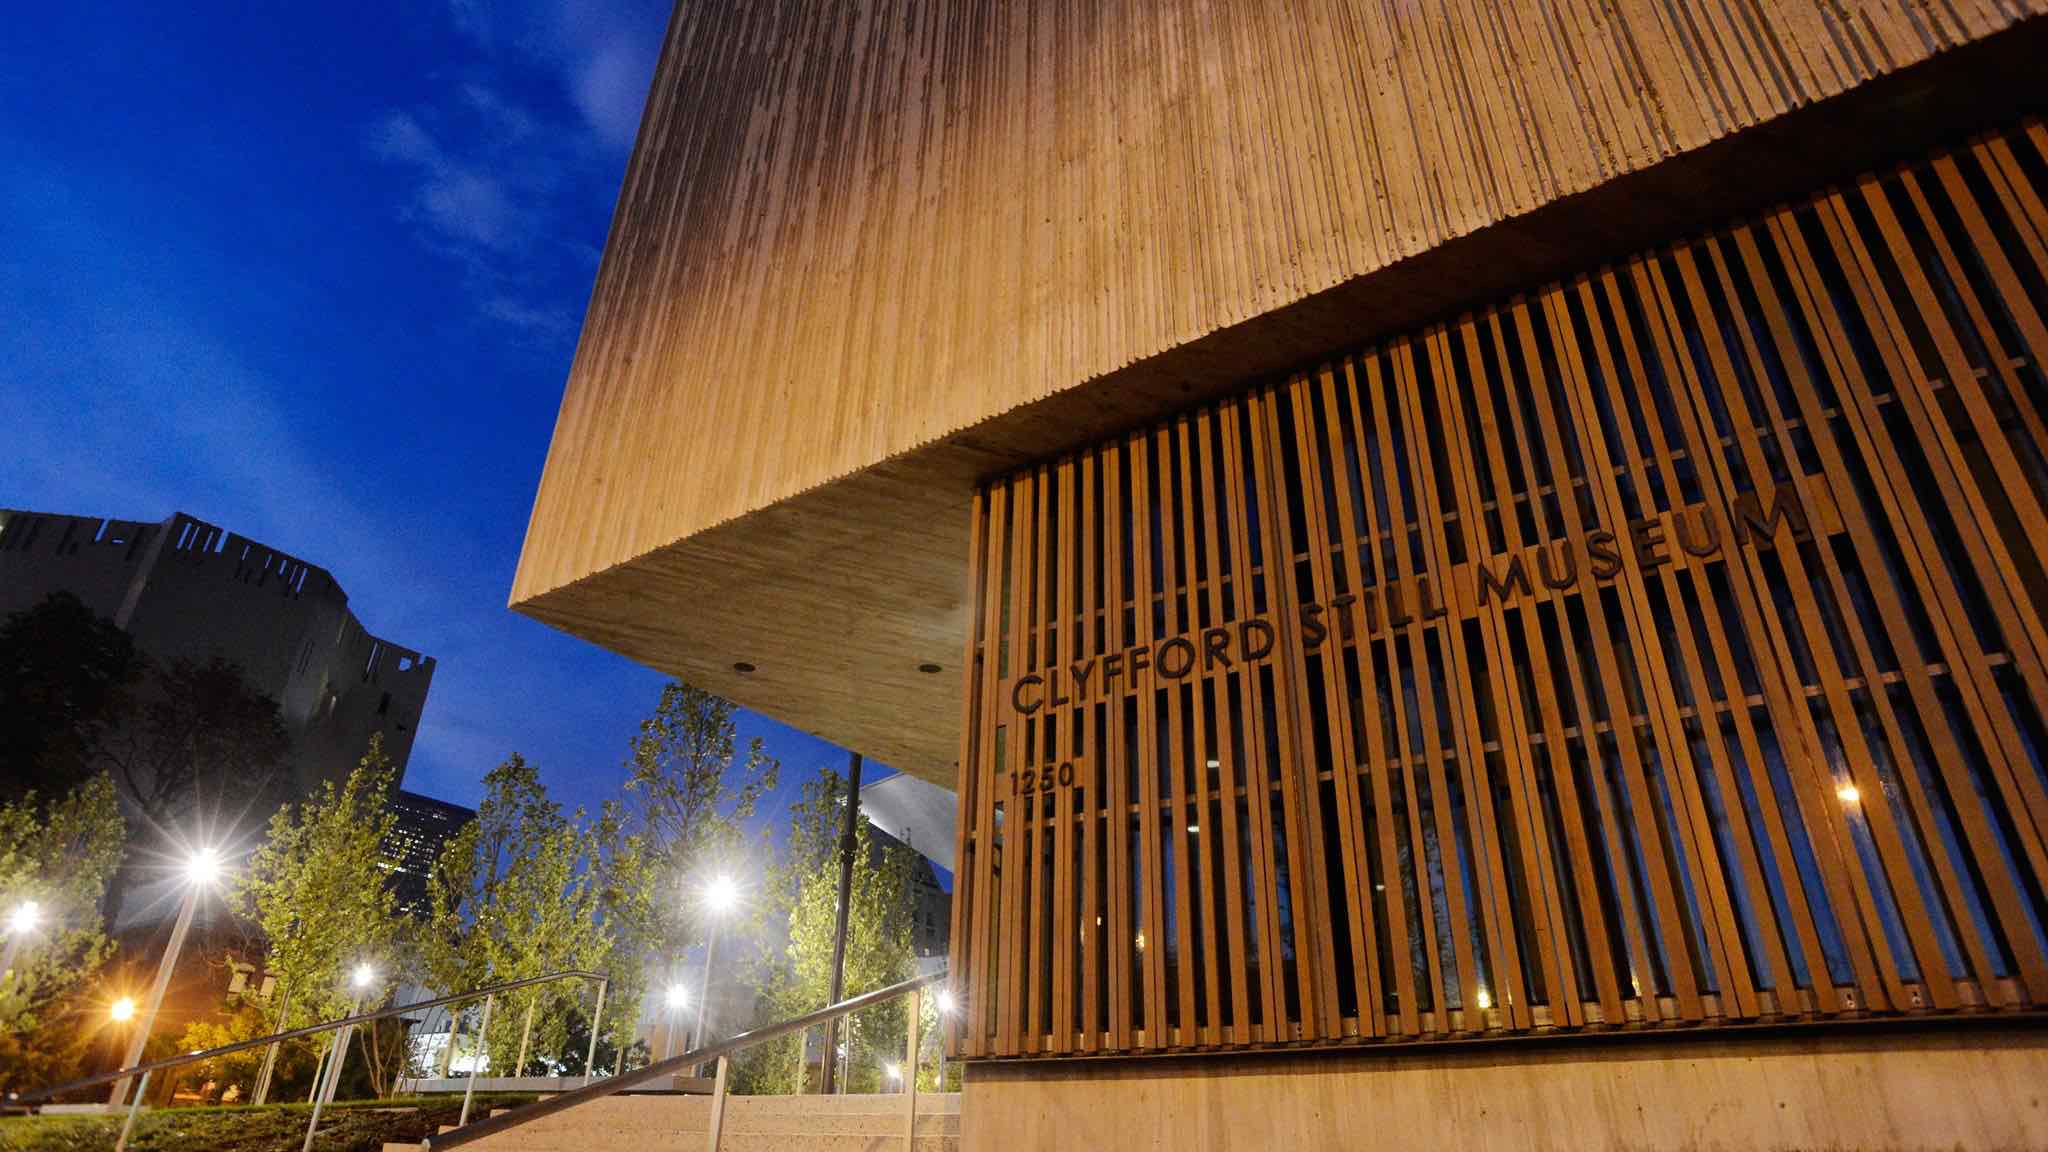 Clyfford Still Museum at night